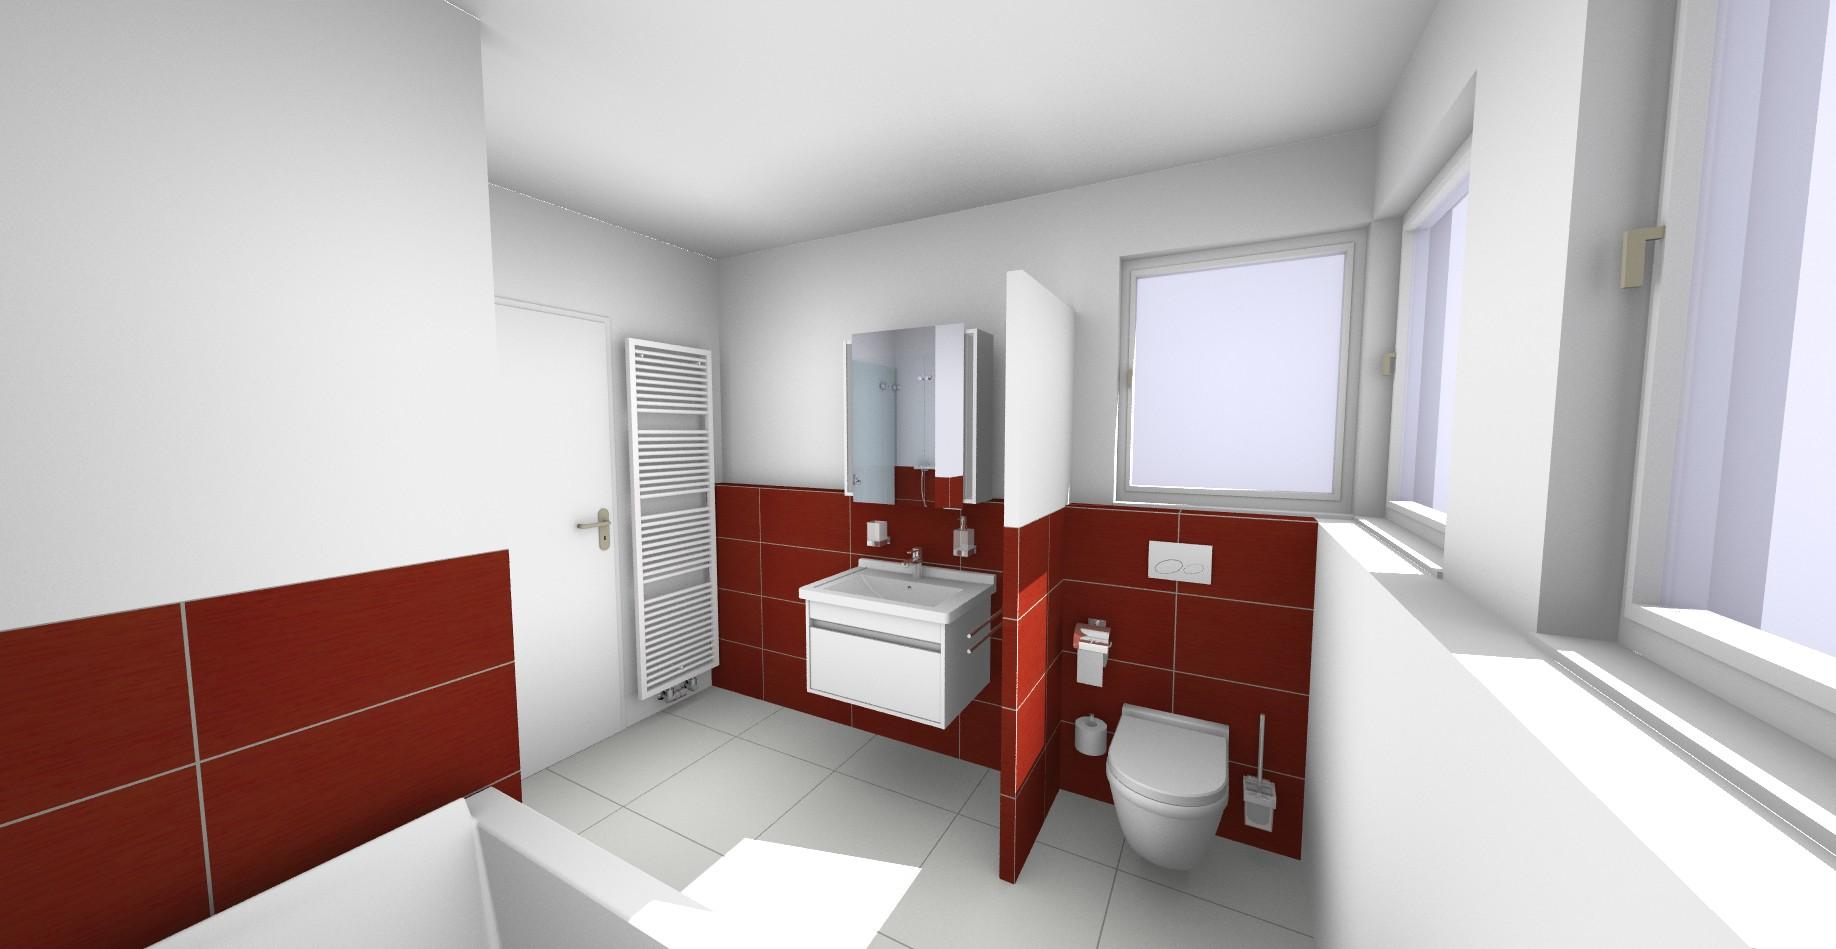 concepteur duravit gratuit en ligne duravit. Black Bedroom Furniture Sets. Home Design Ideas